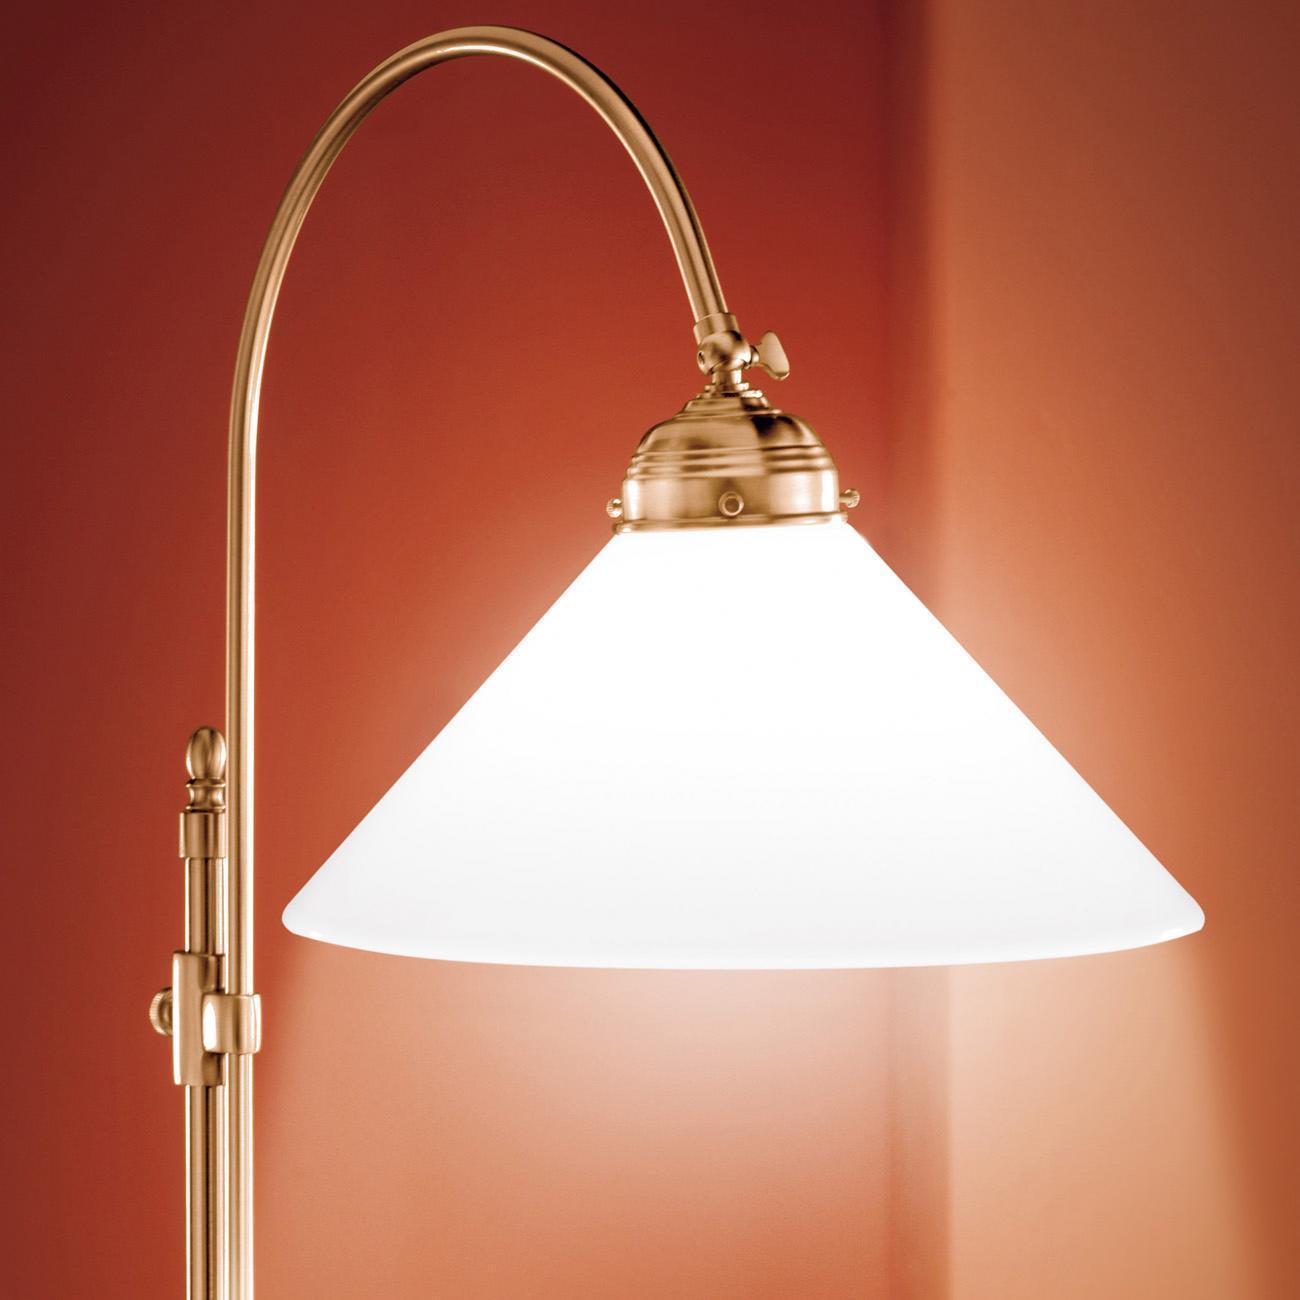 Staande berlijnse messinglamp goedkoop online kopen